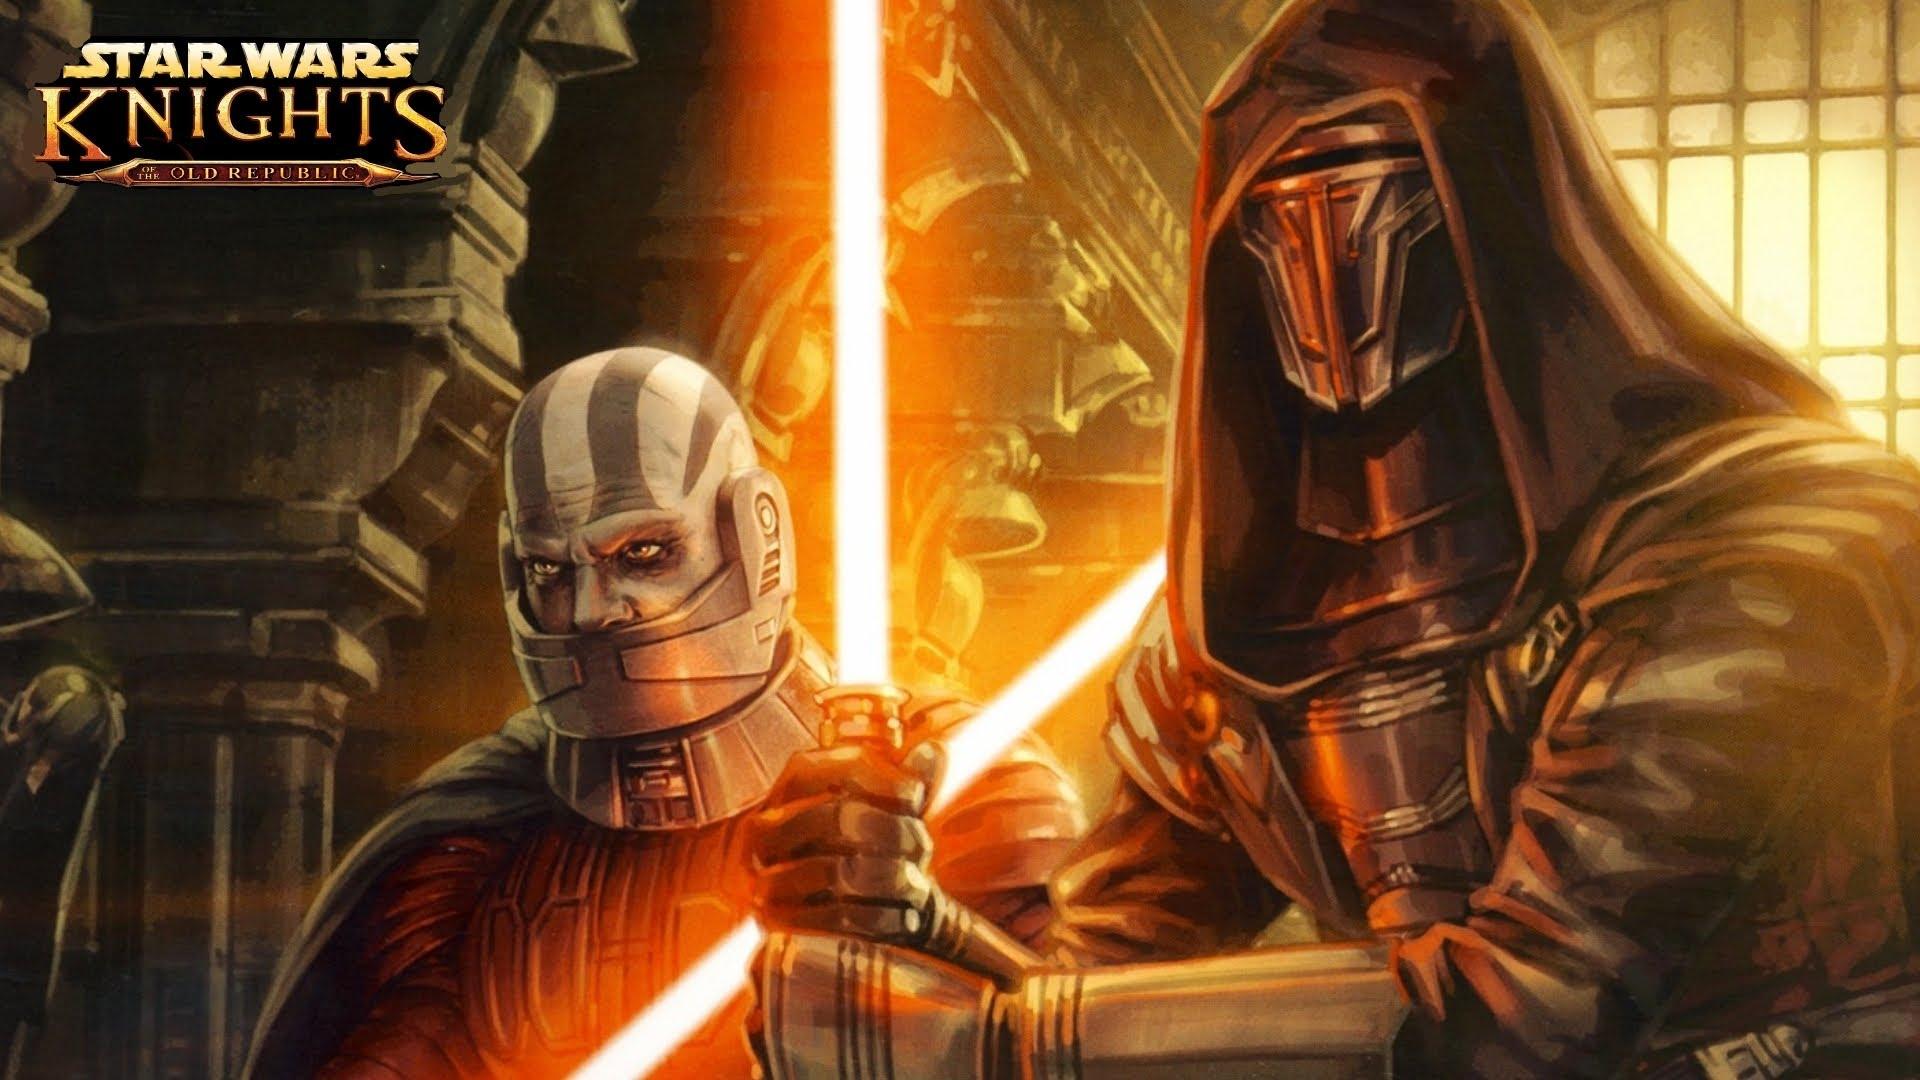 bioware legends vecchia repubblica knights of the old republic star wars remake